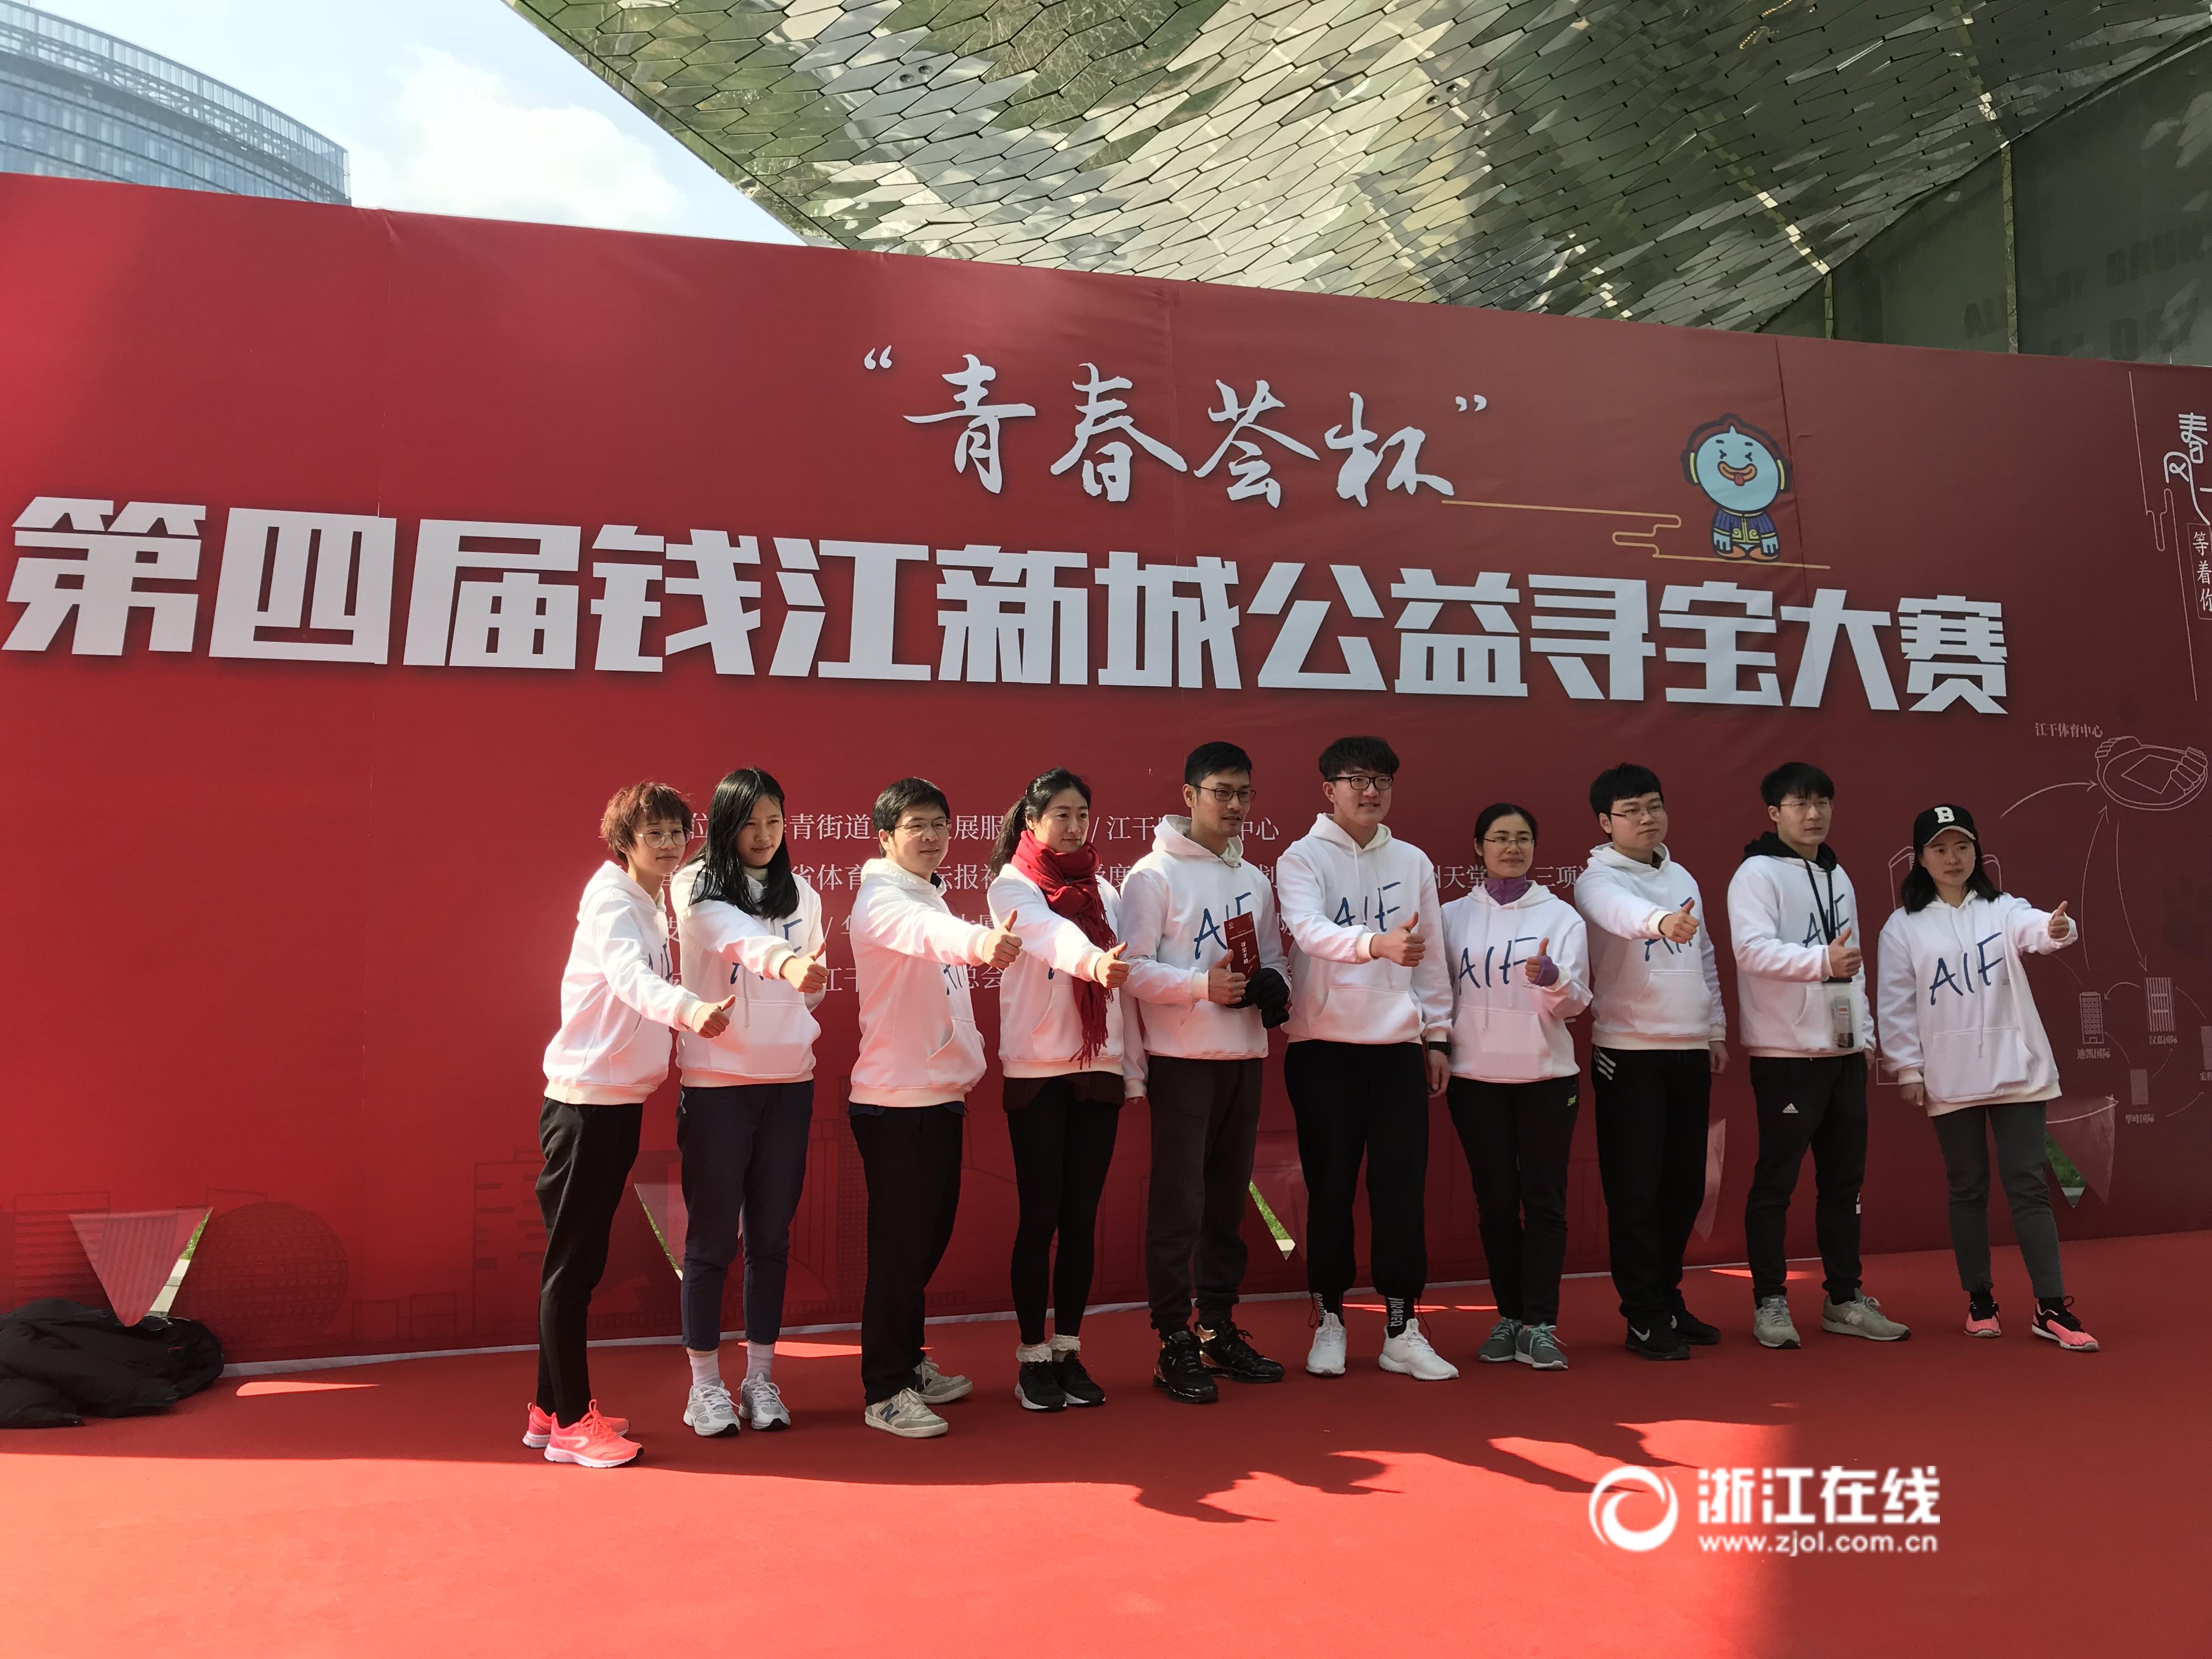 """钱江新城这场寻宝大赛不仅好玩 更是""""爱意满满"""""""